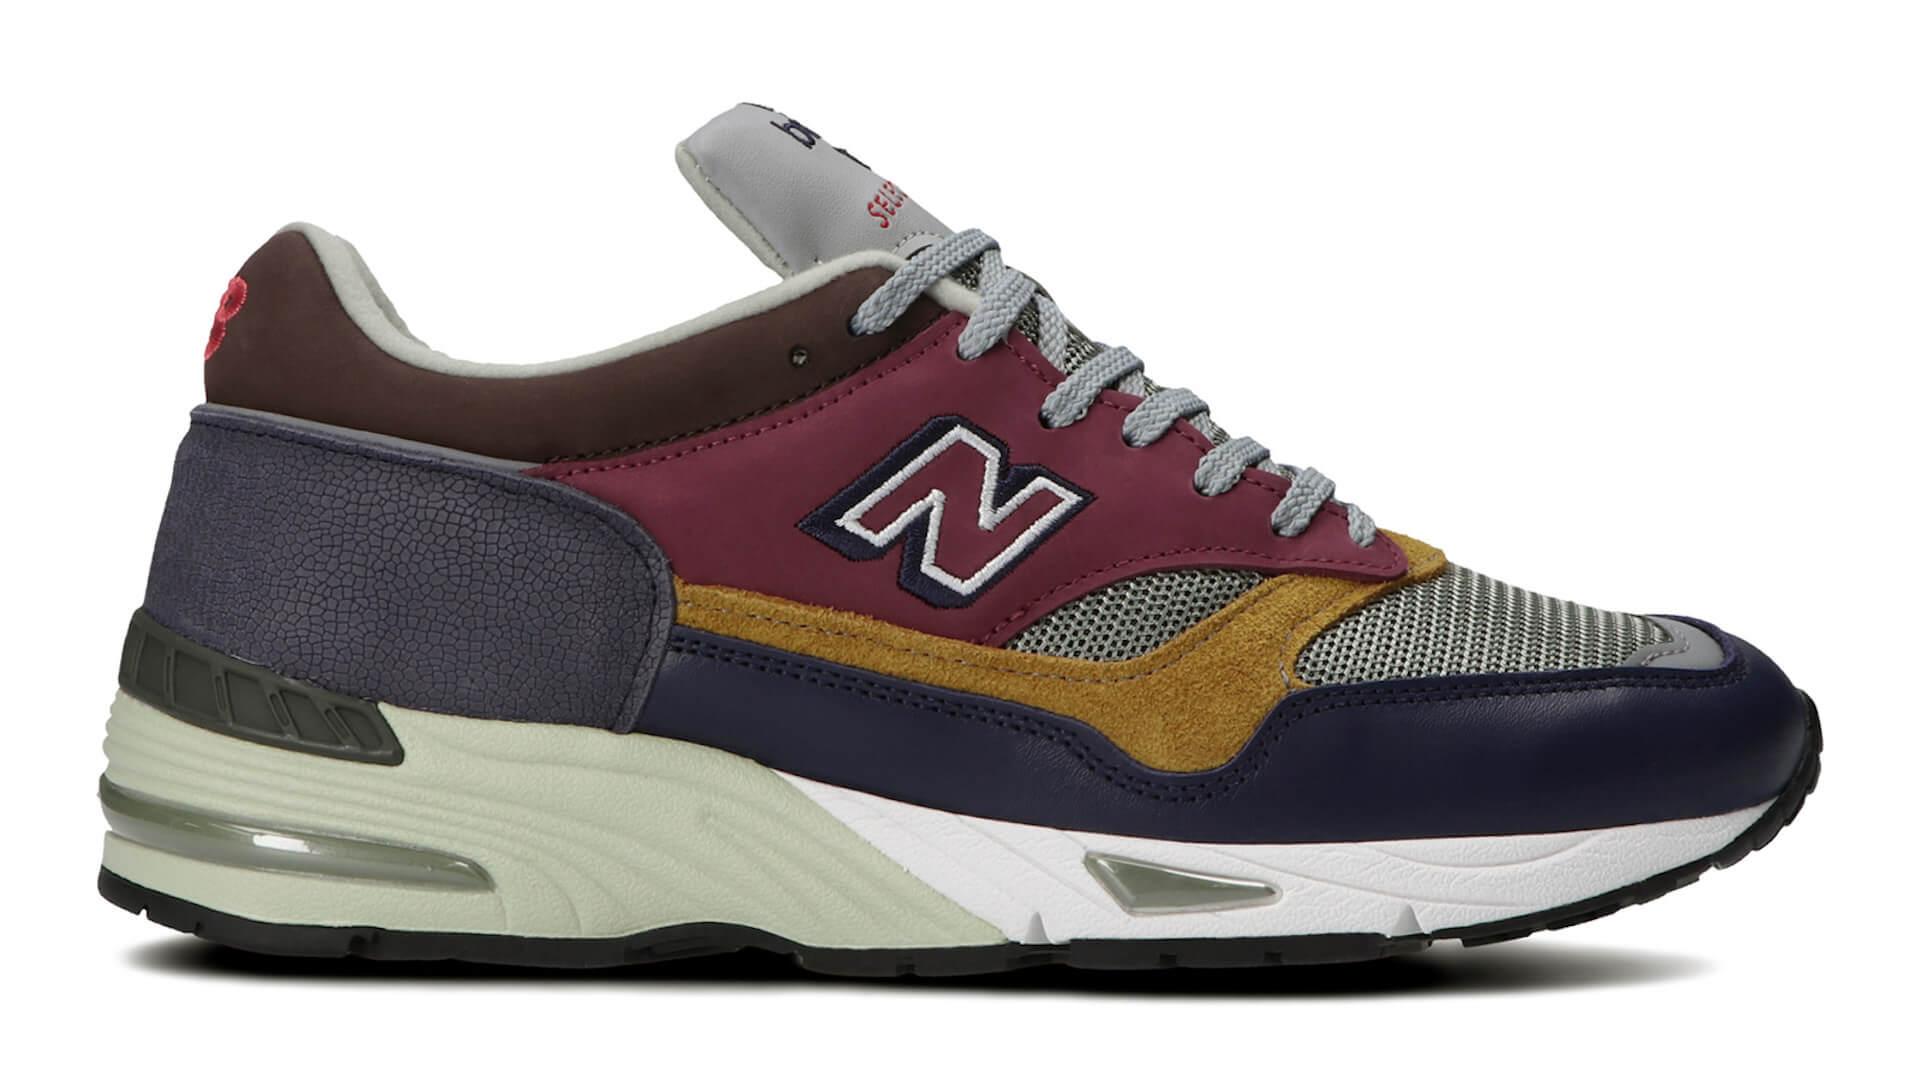 ニューバランスフラッグシップストアにMade in U.K.限定モデルが登場!「770」「670」「1591」「991.5」の4モデル life210507_newbalance_shoes_7